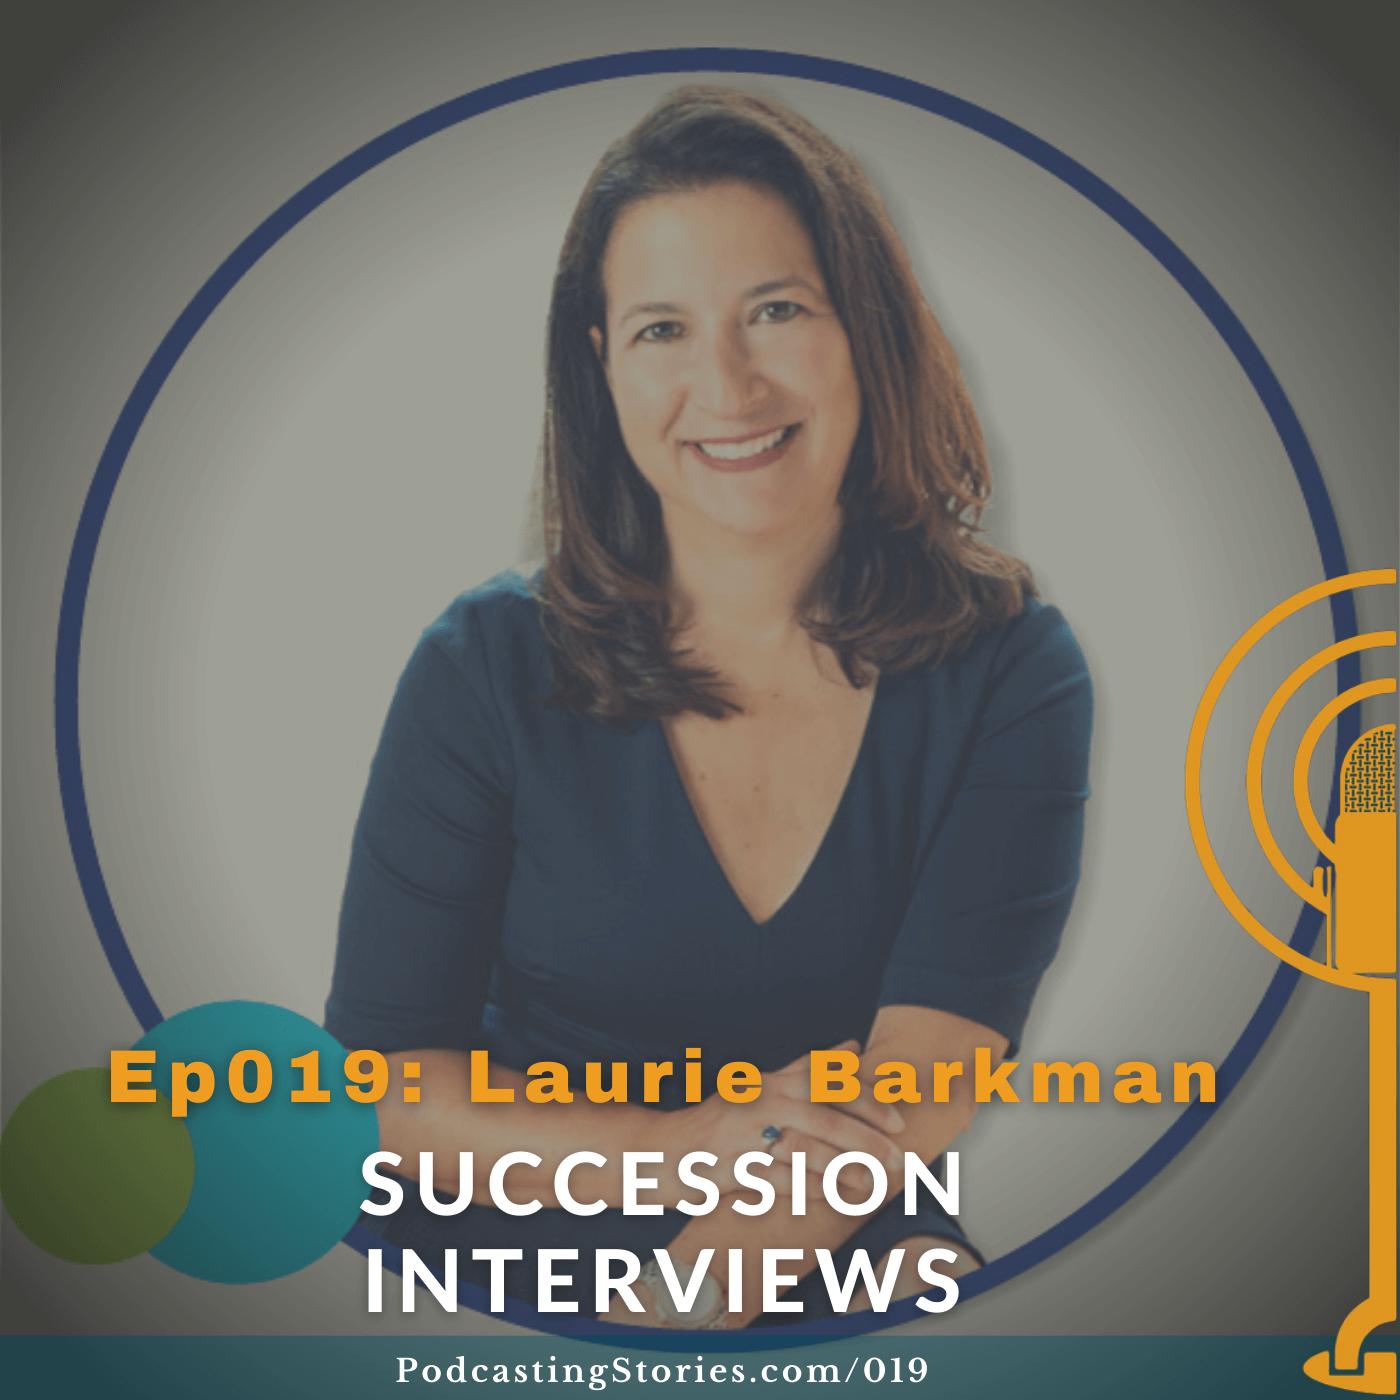 Laurie Barkman Succession Interviews